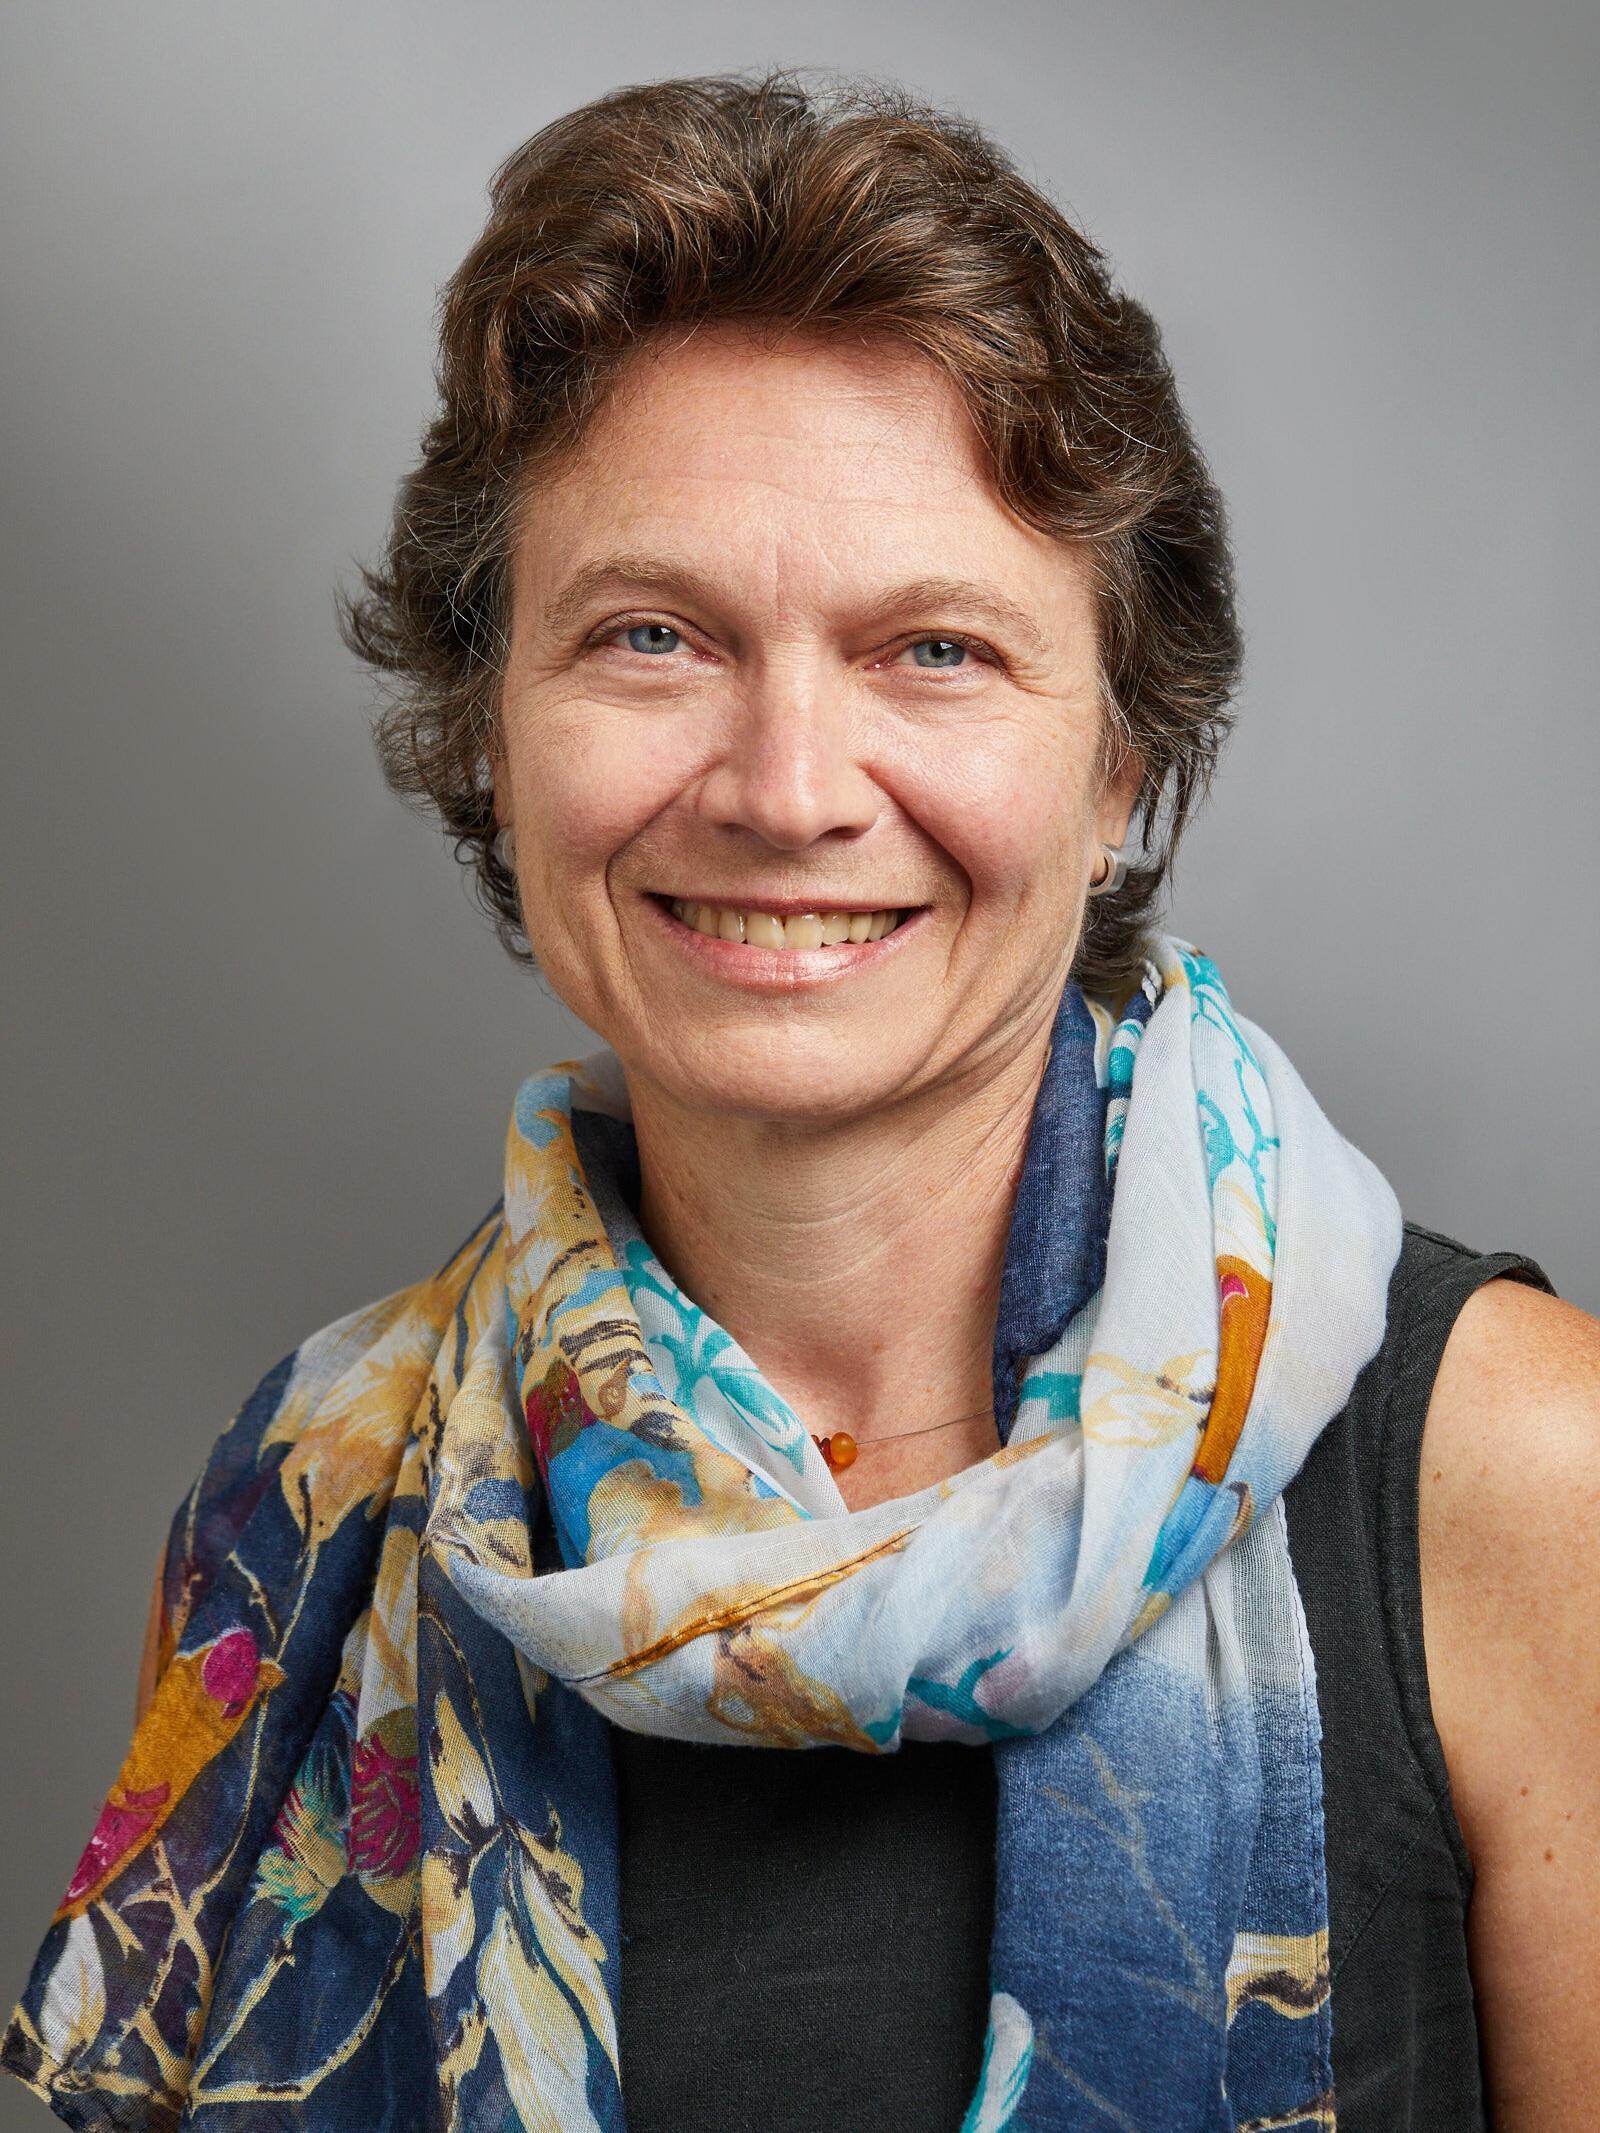 Karla Neugebauer